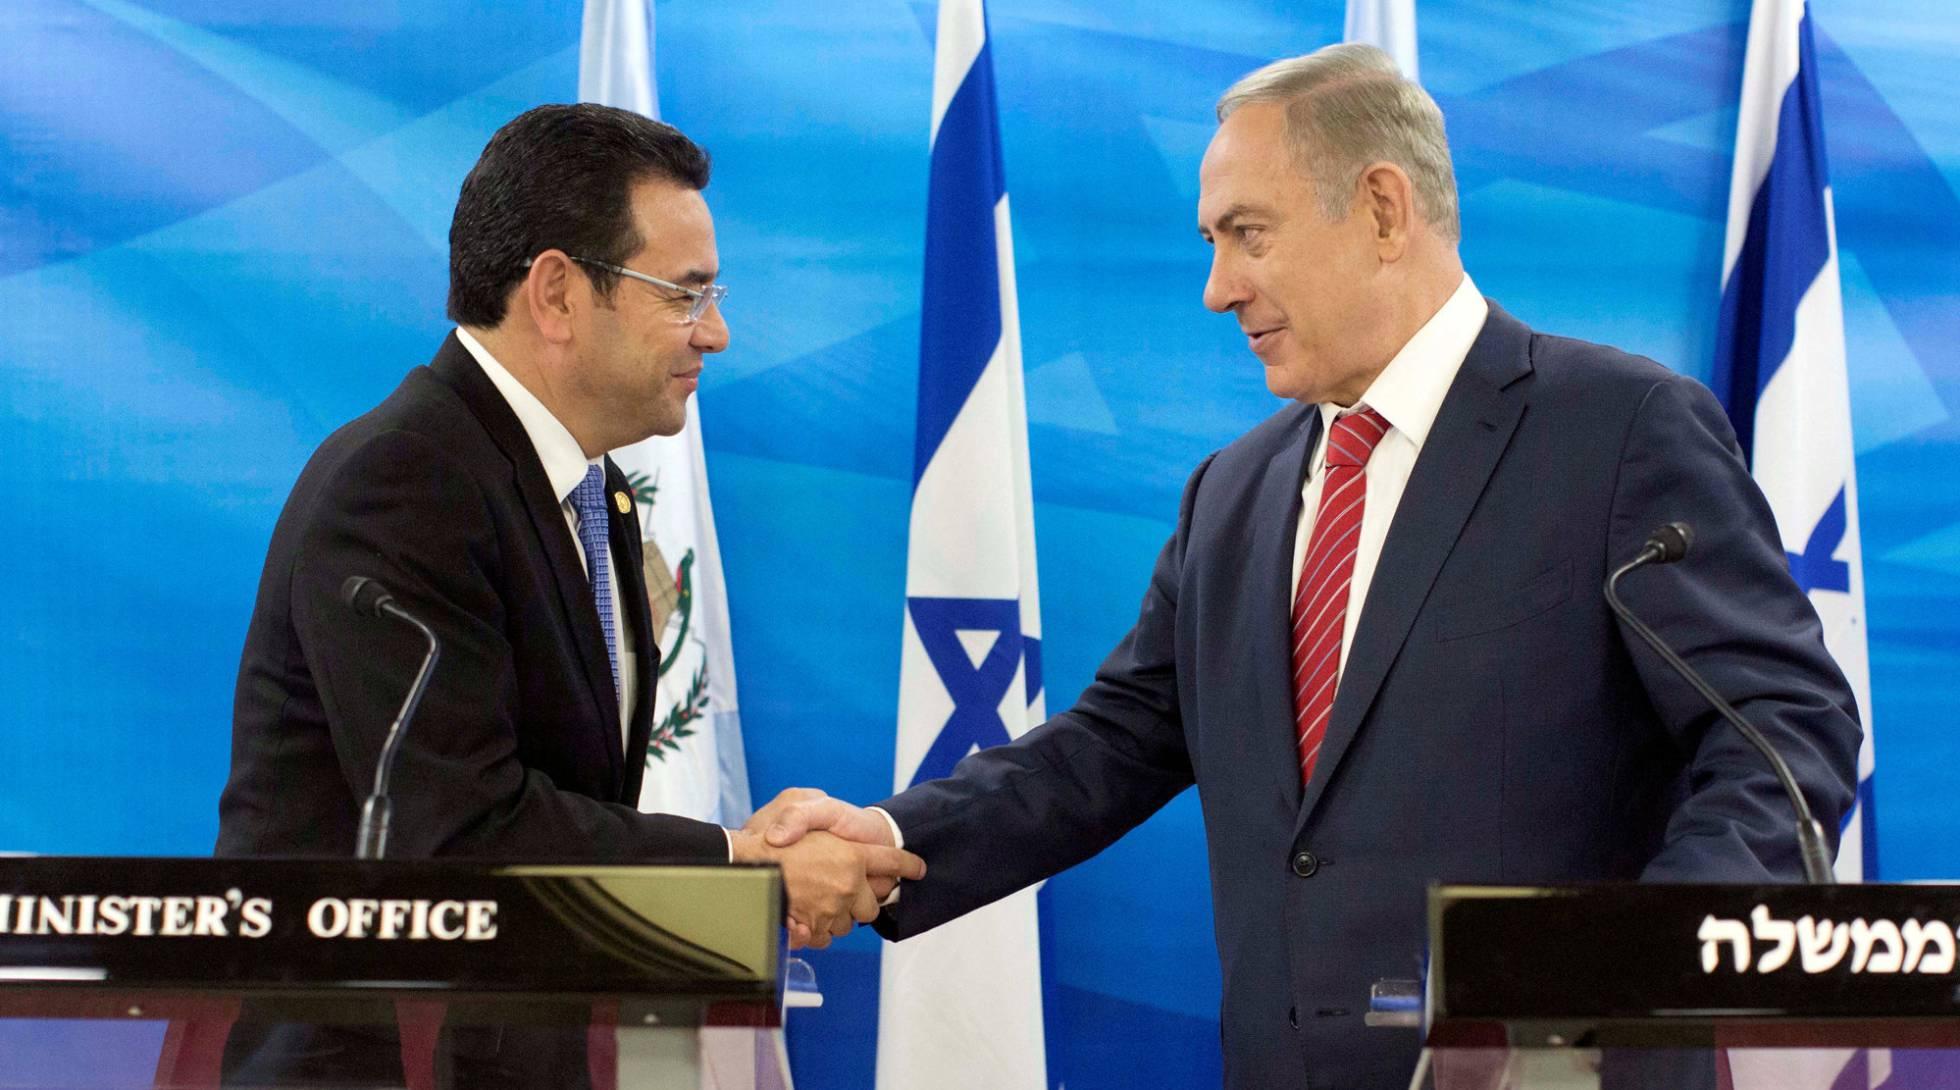 Israel - Conflicto Israel-Palestina - Página 30 1514231168_801532_1514231368_noticia_normal_recorte1